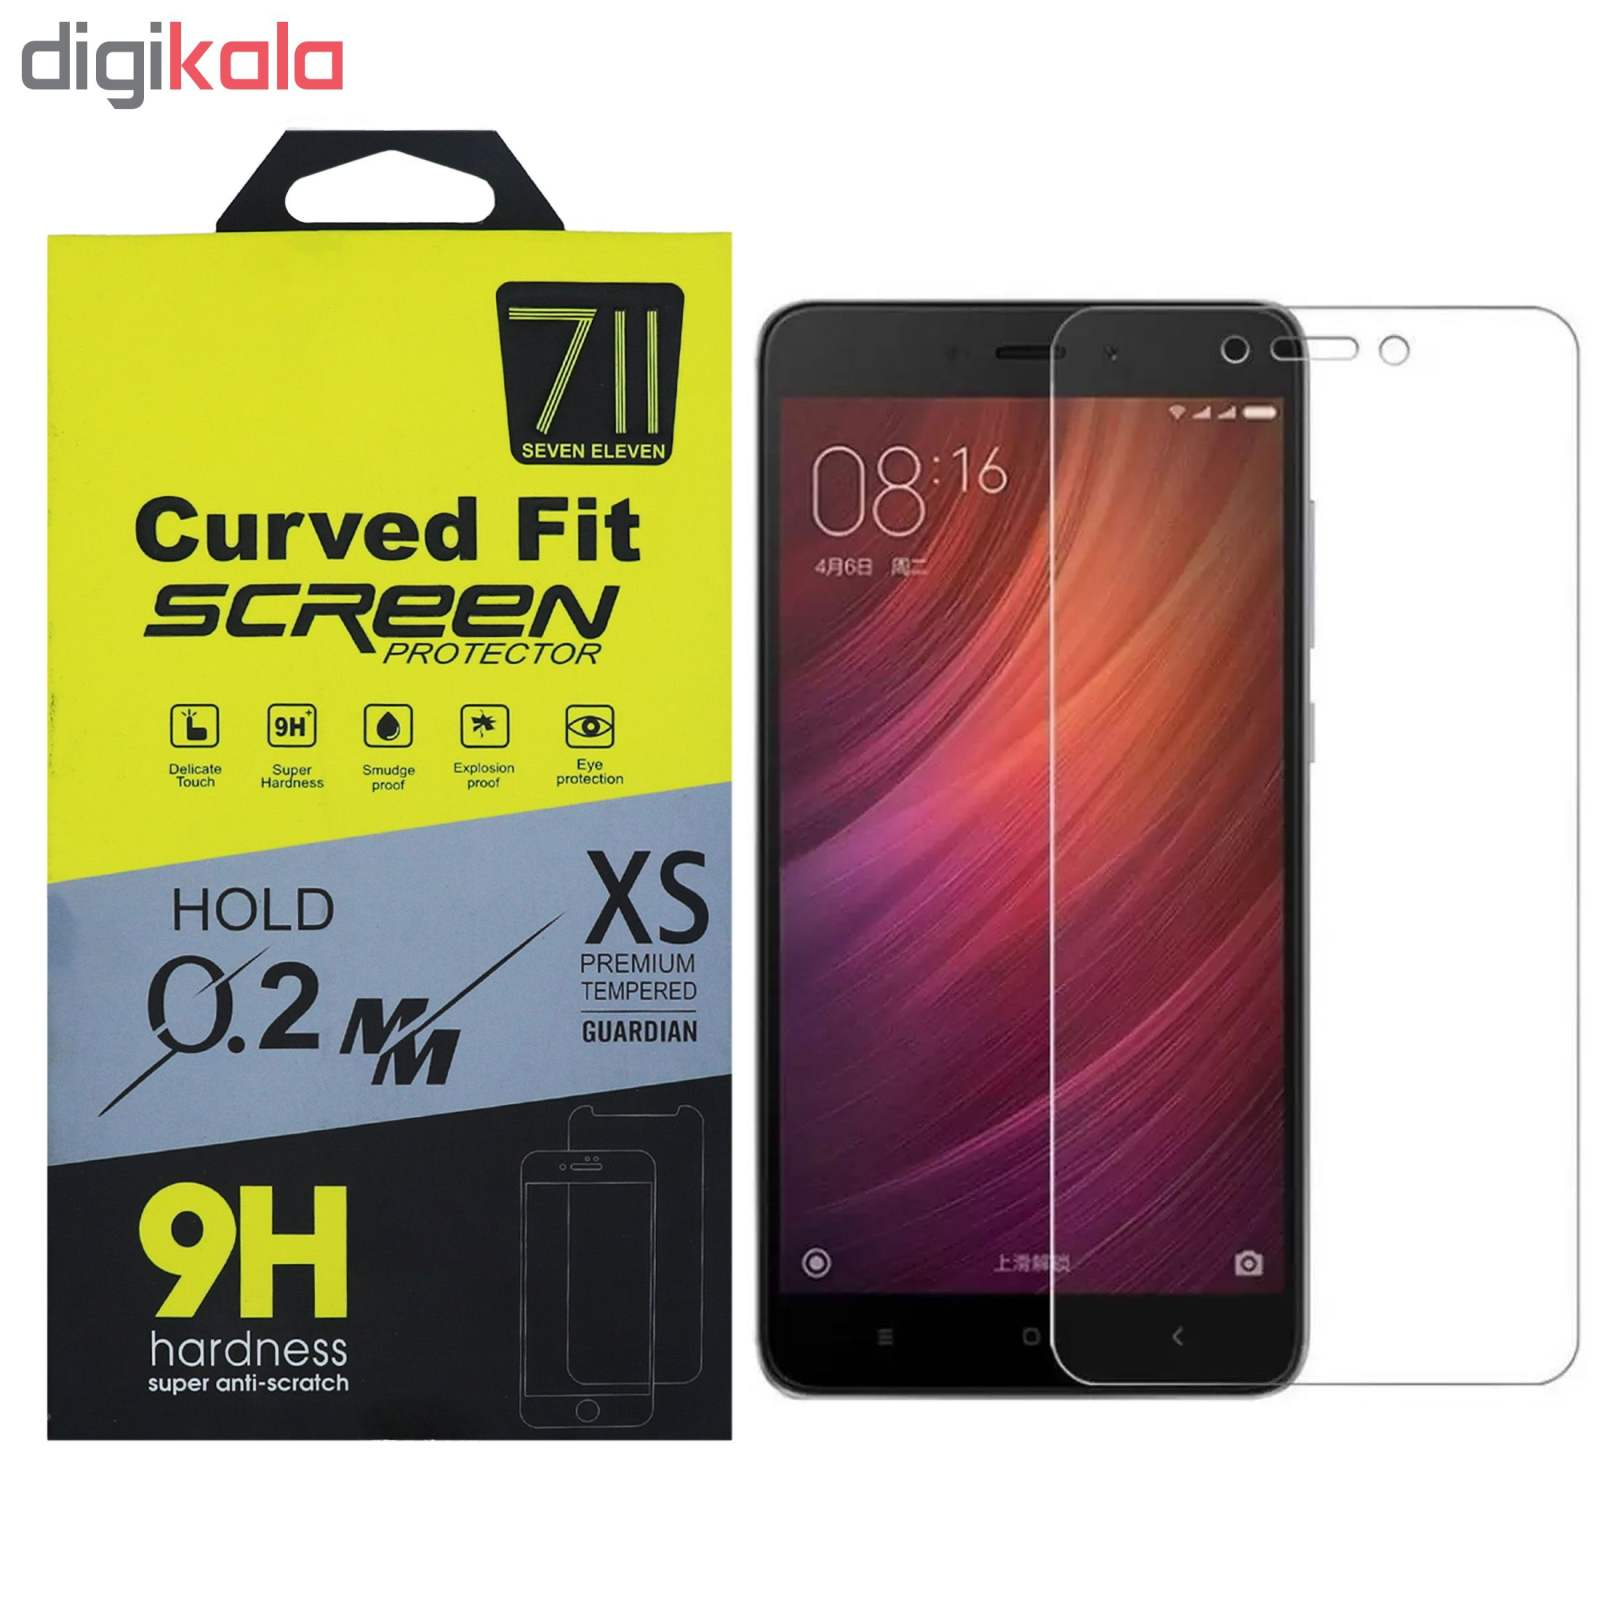 محافظ صفحه نمایش سون الون مدل Tmp مناسب برای گوشی موبایل شیائومی  Redmi Note 4 main 1 1